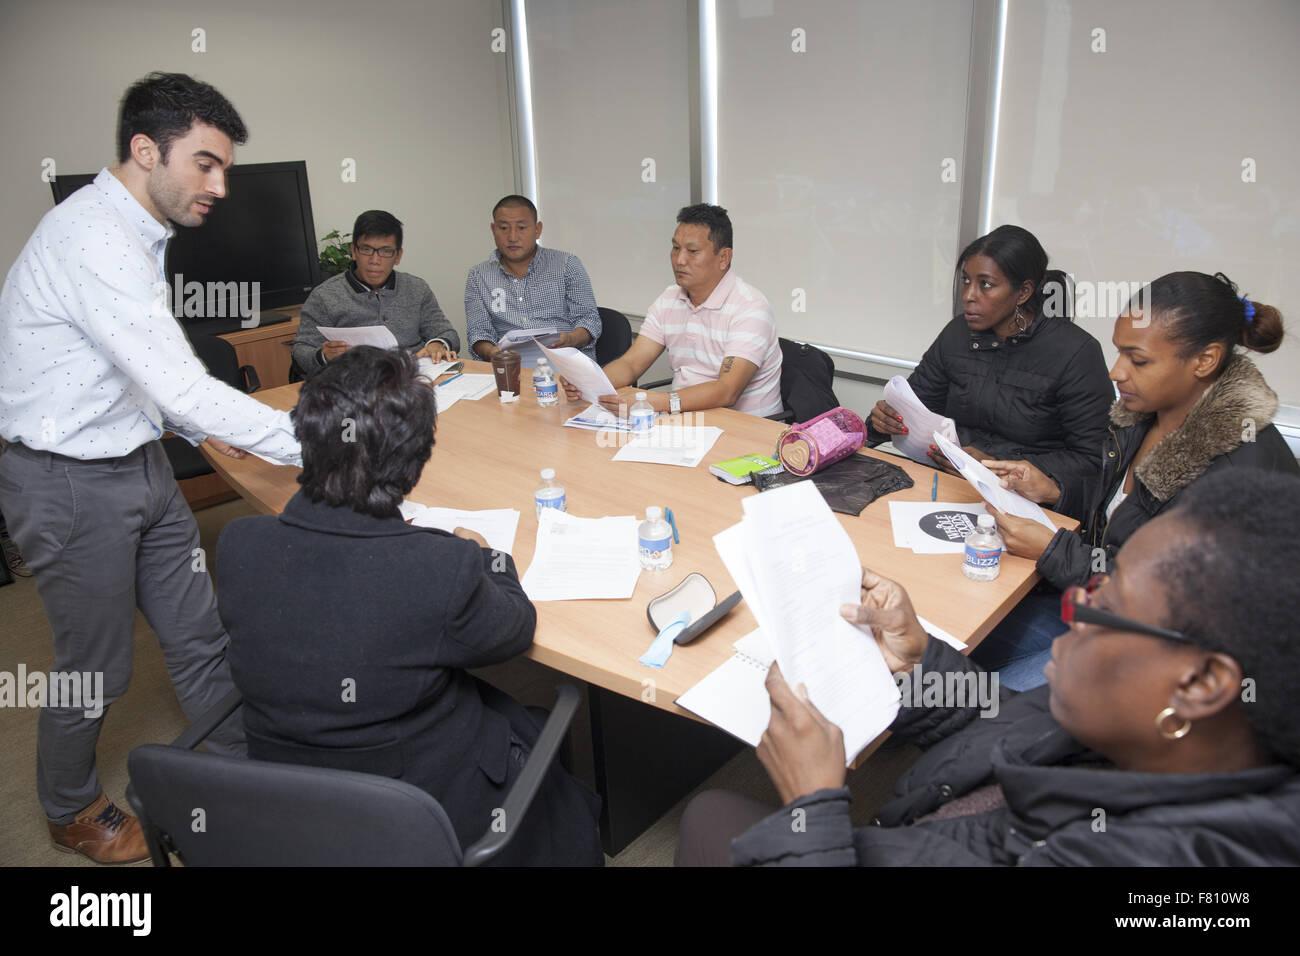 Centro Comunitario patrocinadores clases para inmigrantes a ingresar ...